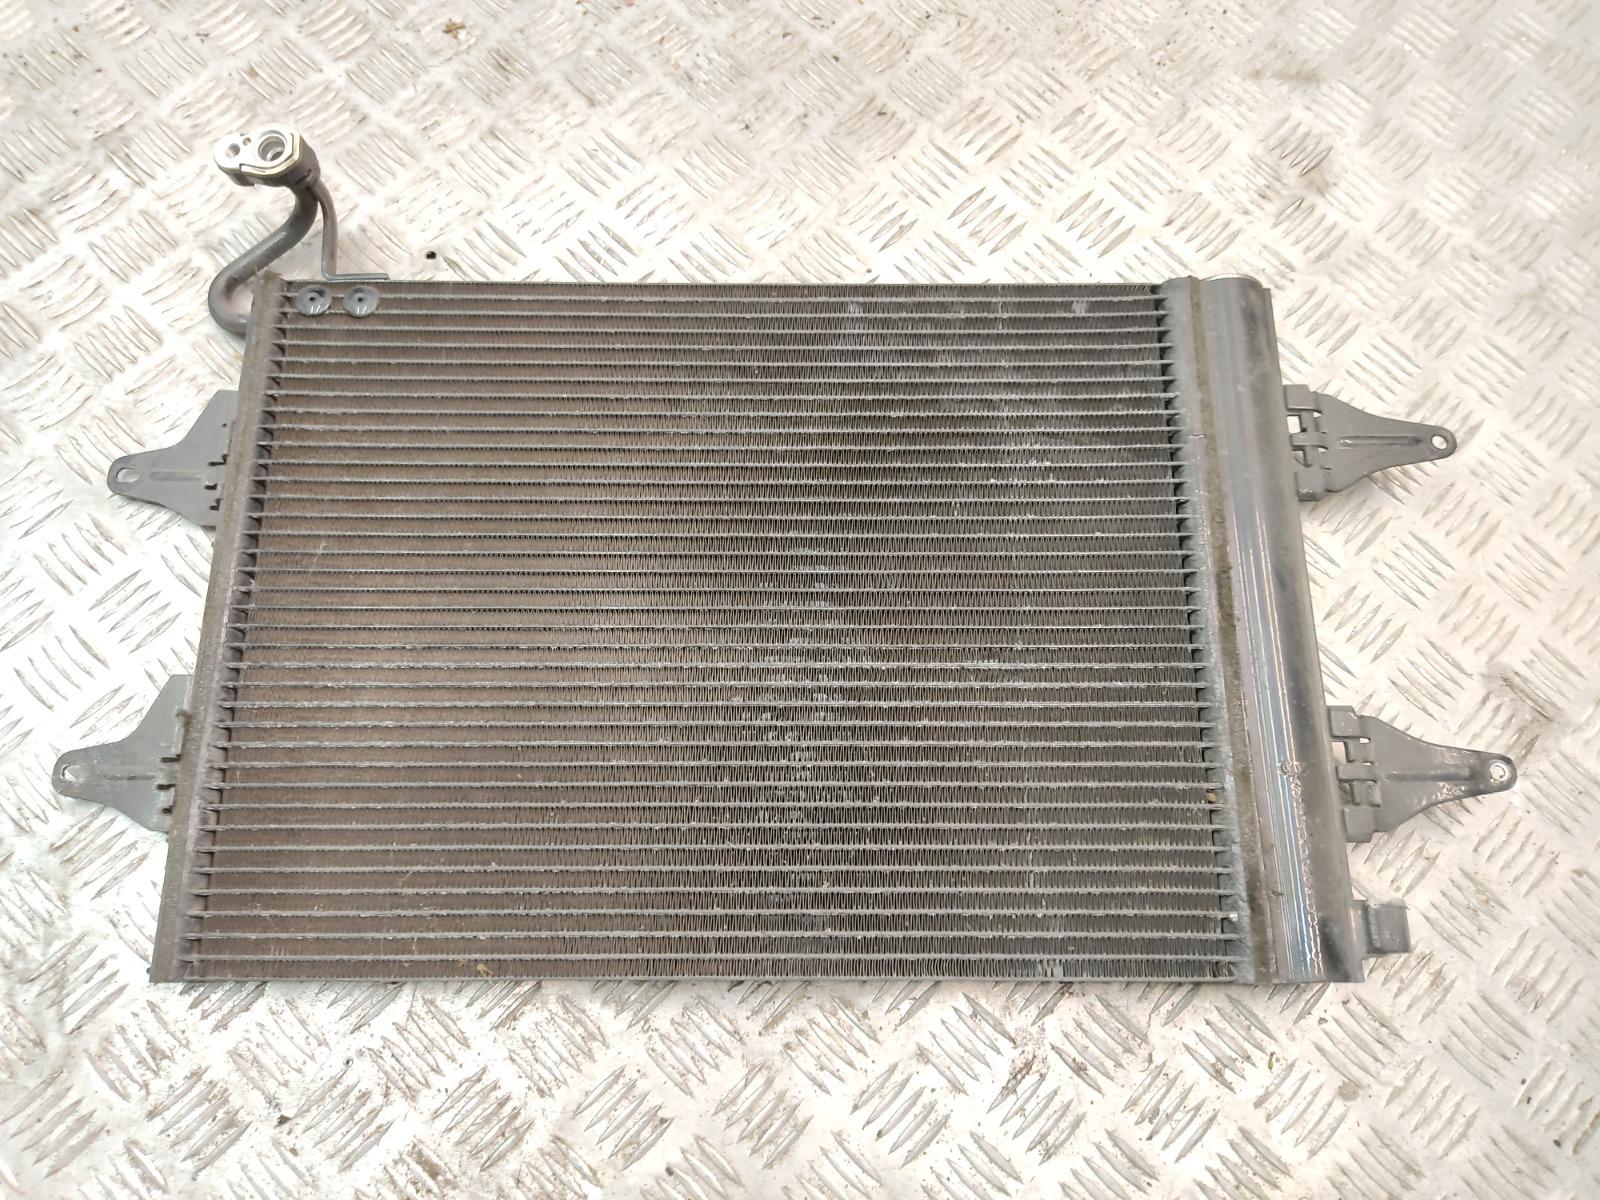 Радиатор кондиционера Skoda Fabia 1.4 I 2001 (б/у)